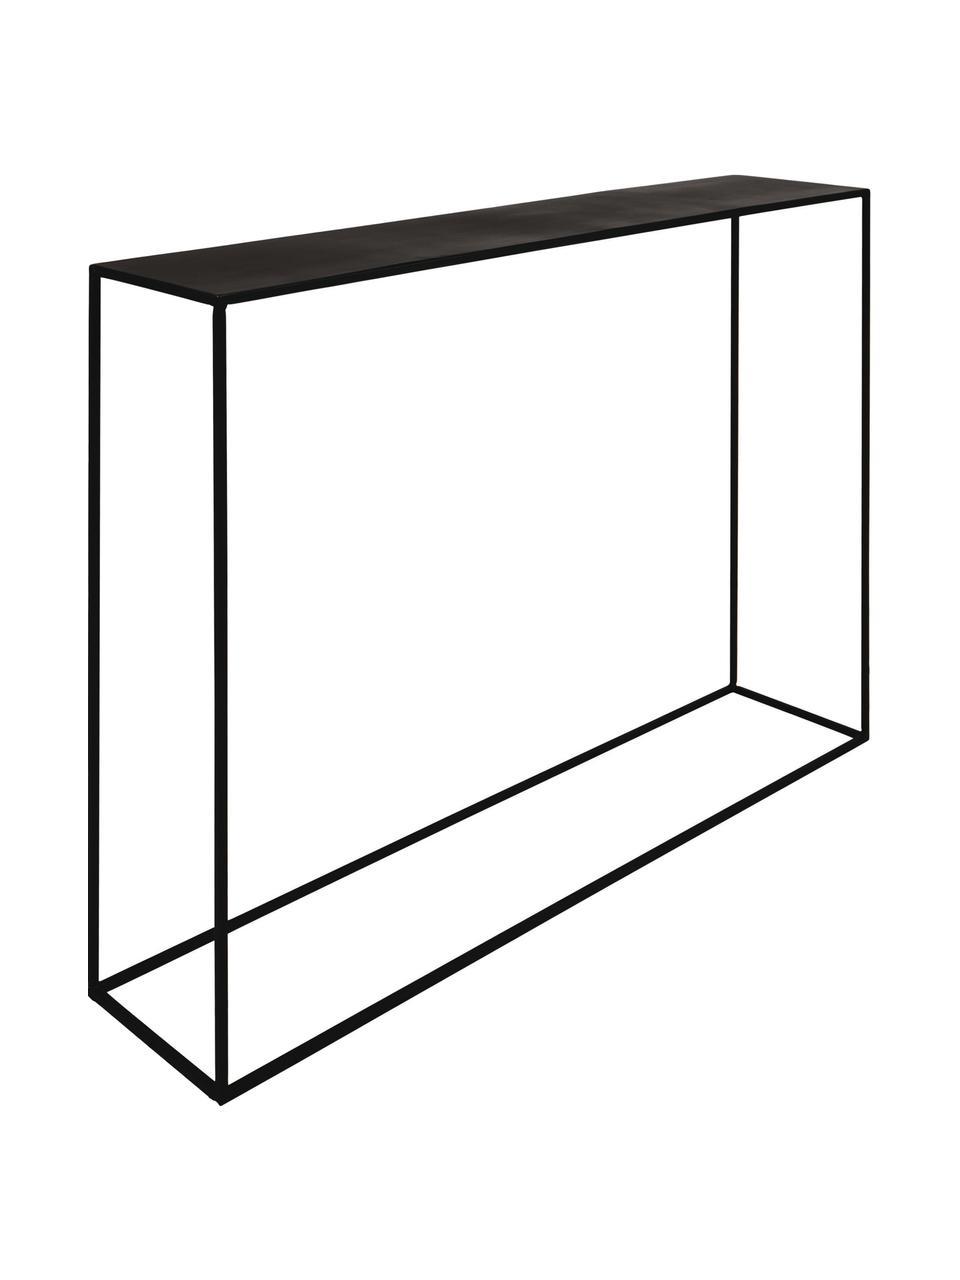 Metalen sidetable Expo in zwart, Gepoedercoat metaal, Zwart, B 110 x D 25 cm